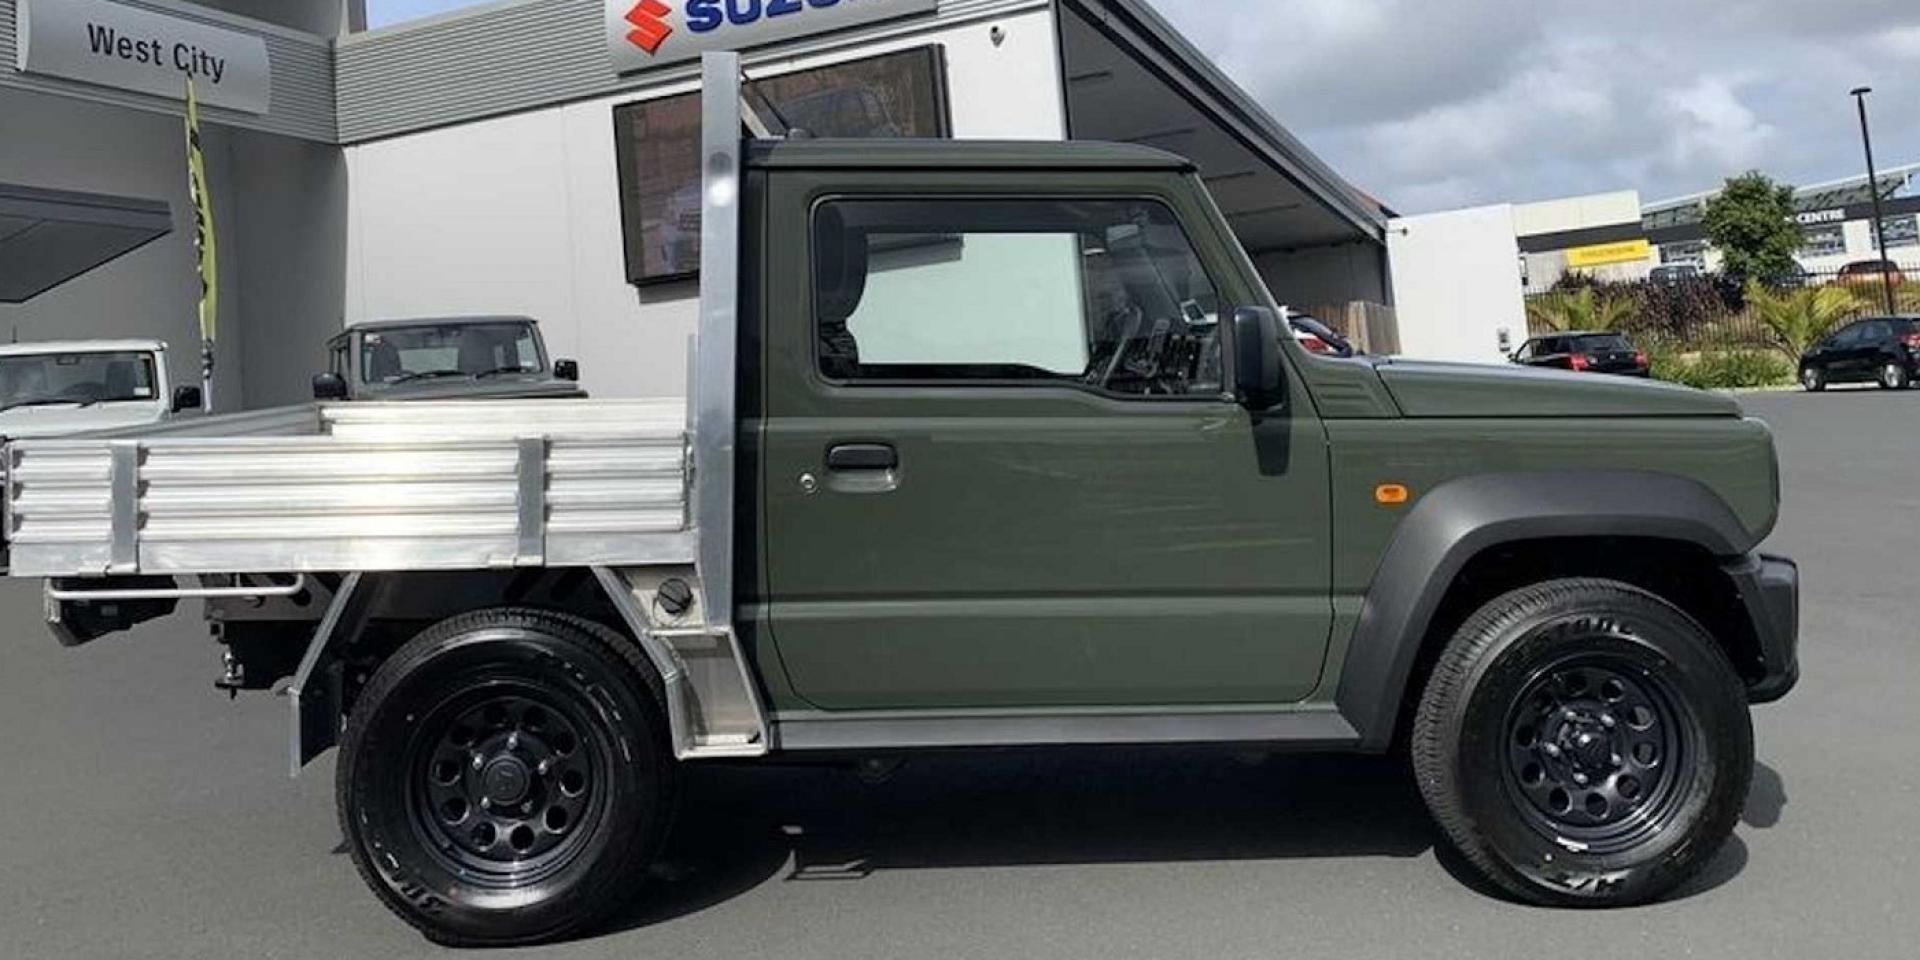 紐西蘭當地獨創,Suzuki Jimny皮卡版本